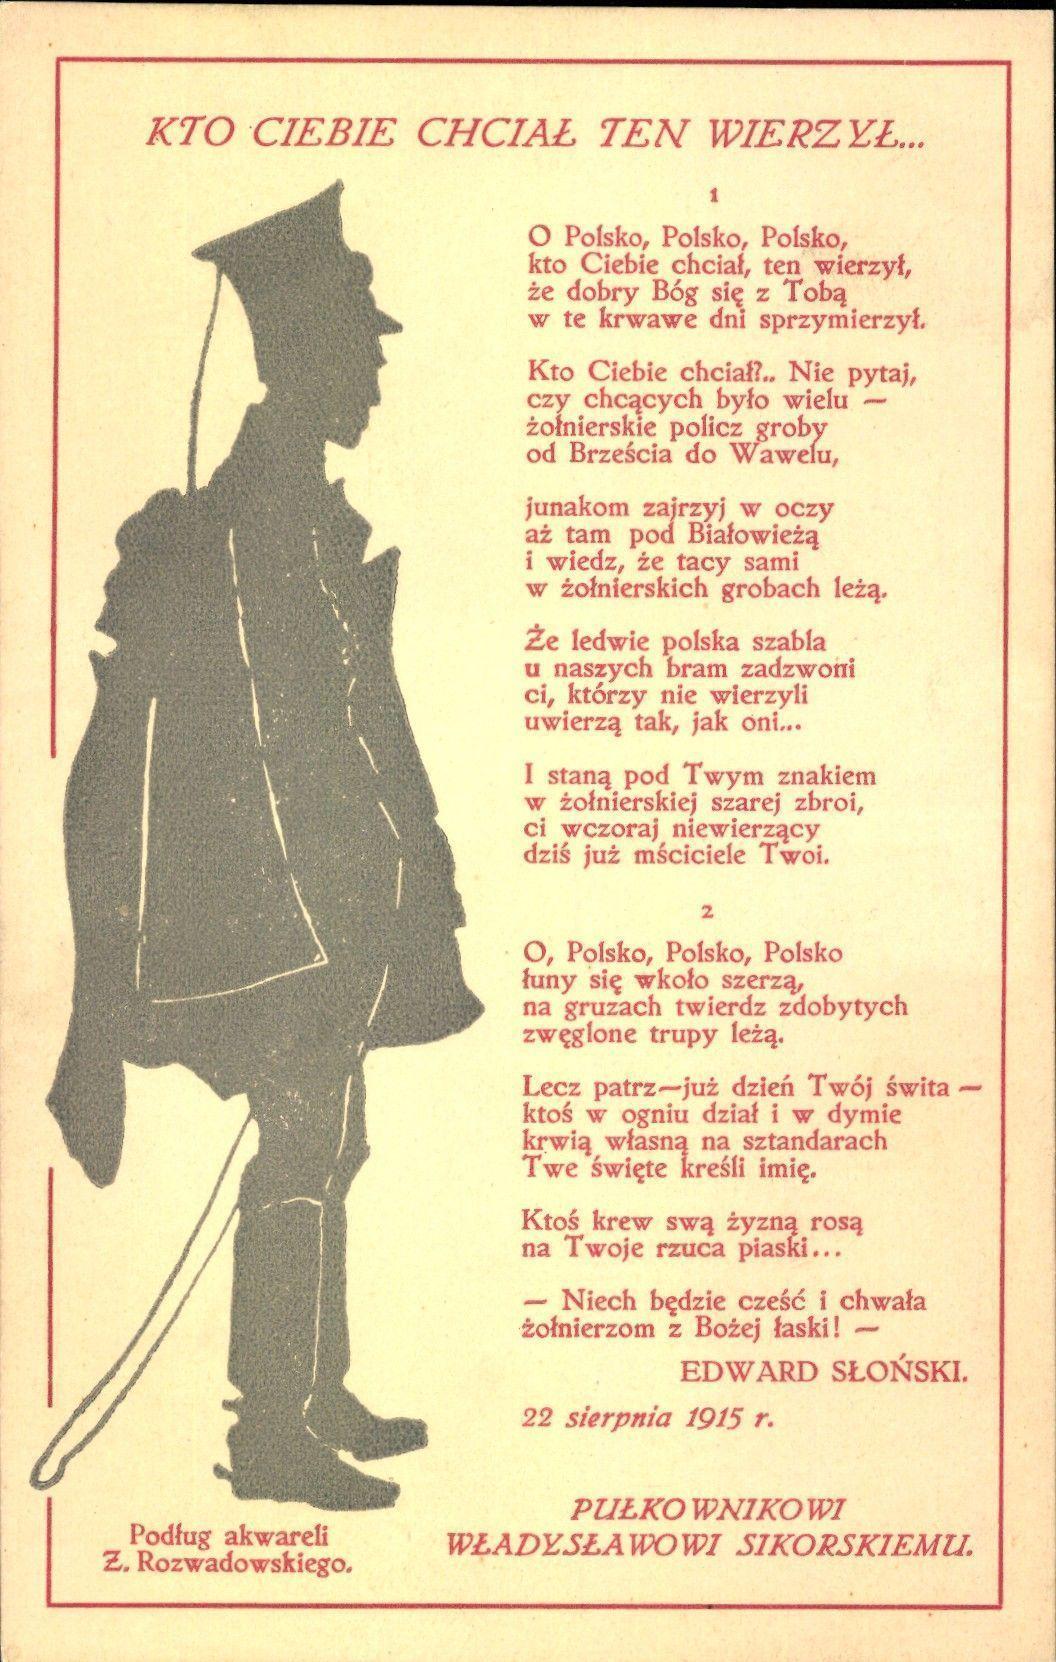 Edward Słoński Autor Najpopularniejszego Wiersza Polskiego